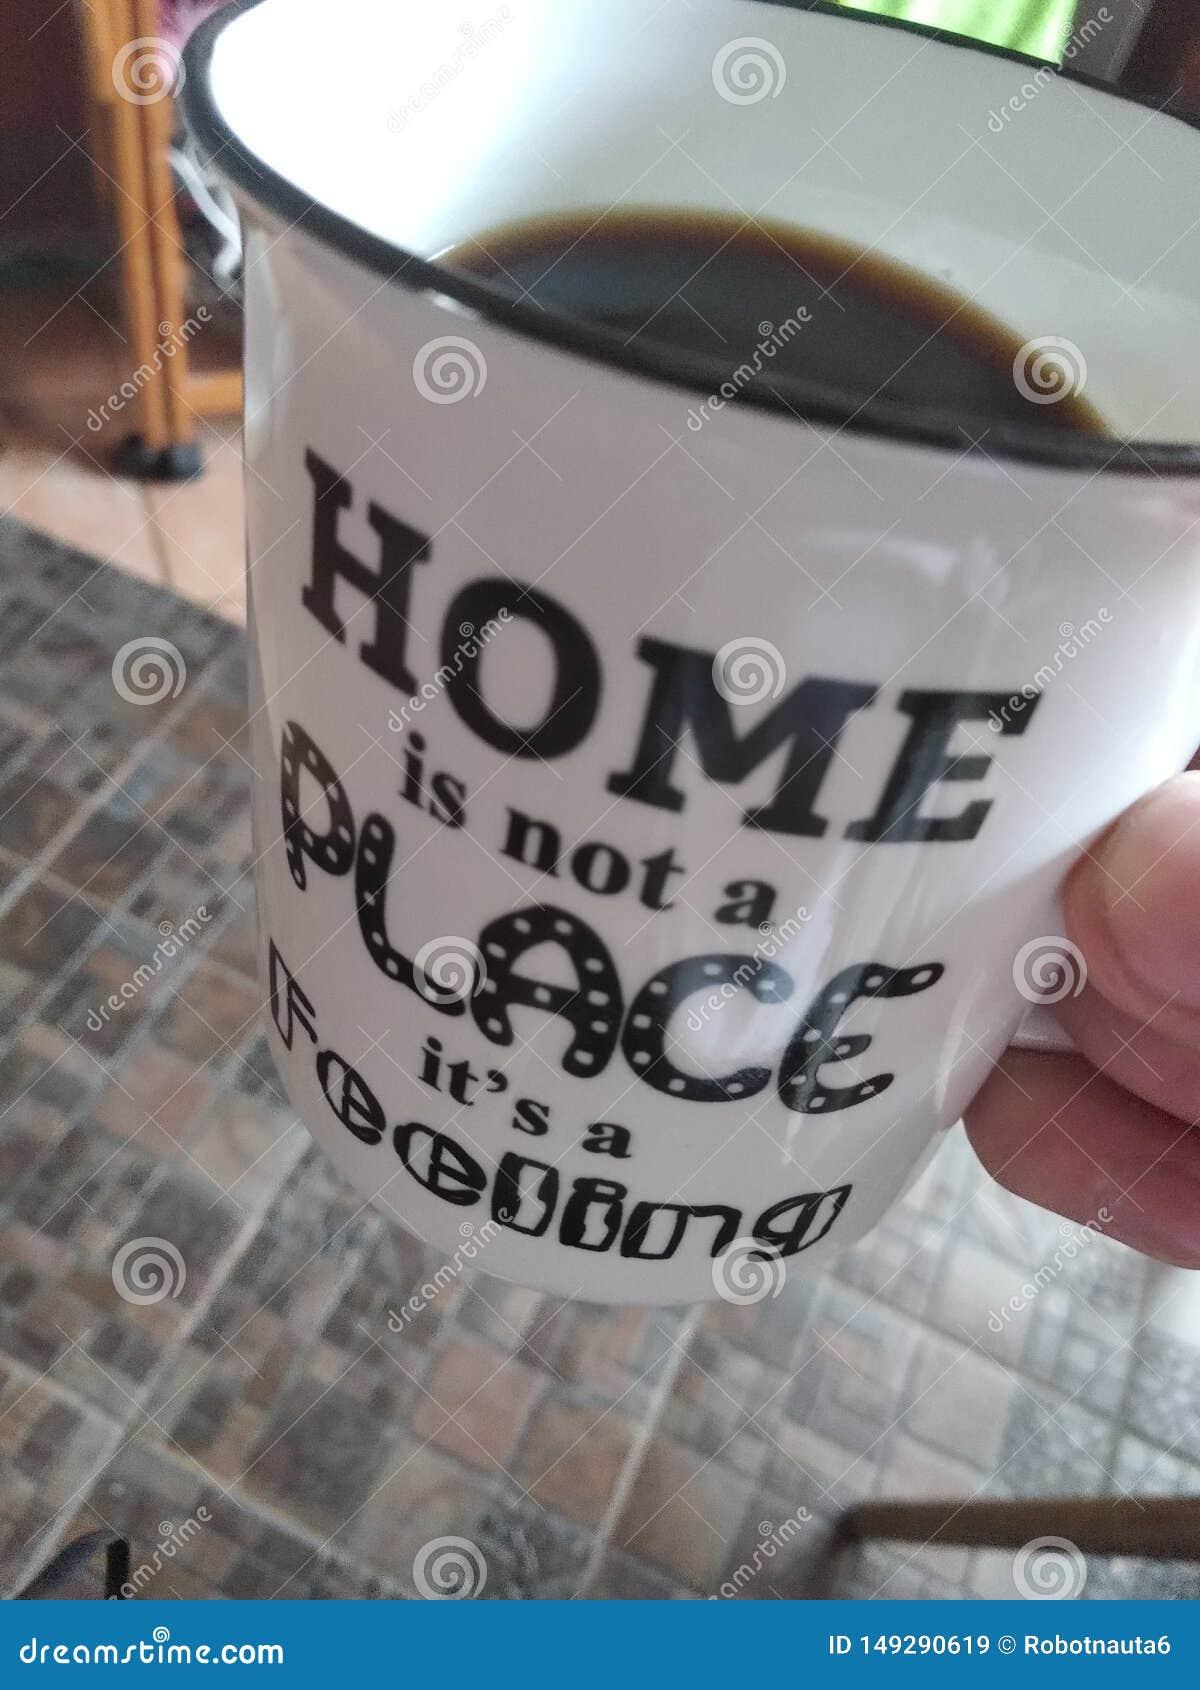 Das Haus ist kein sein Platz ein Gef?hl